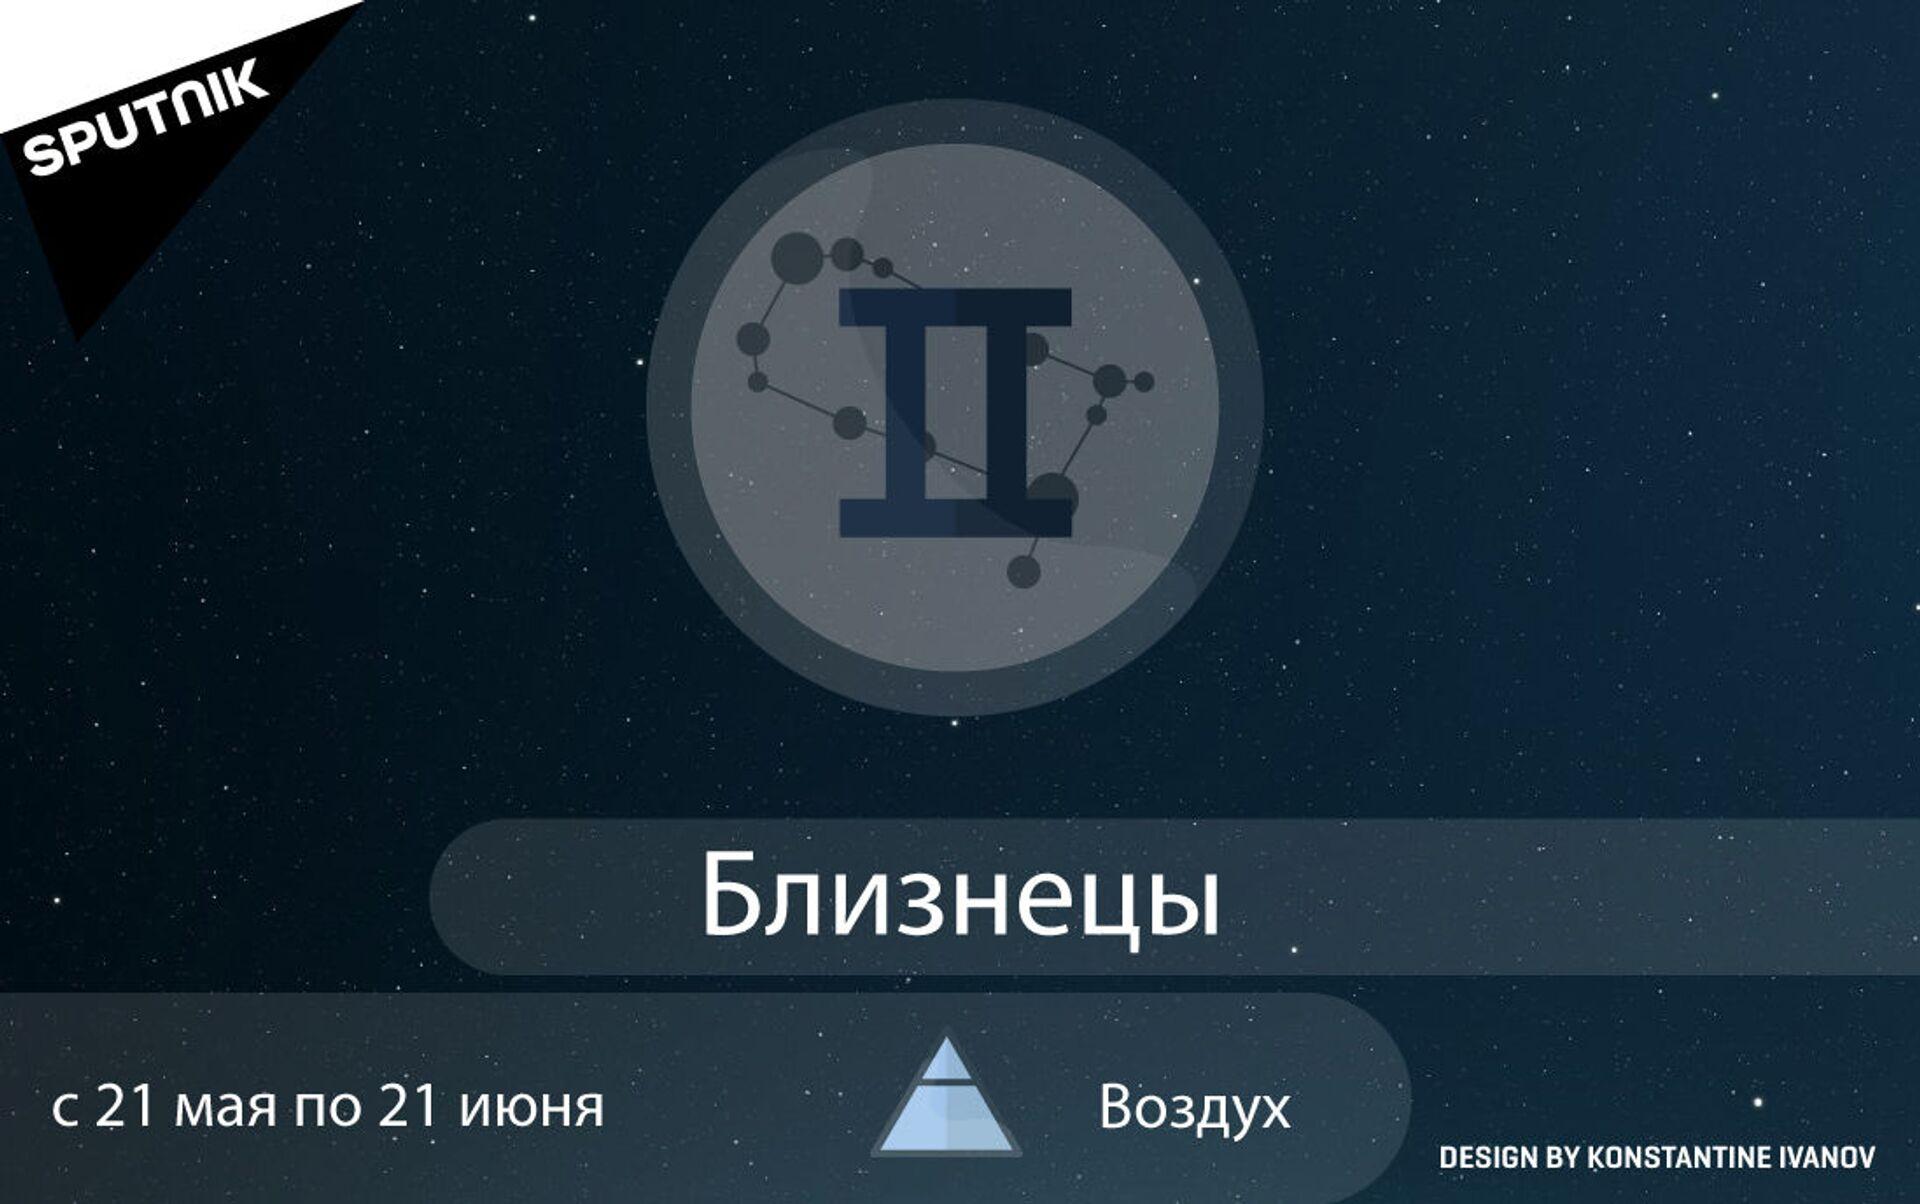 Близнецы - Sputnik Грузия, 1920, 06.09.2021